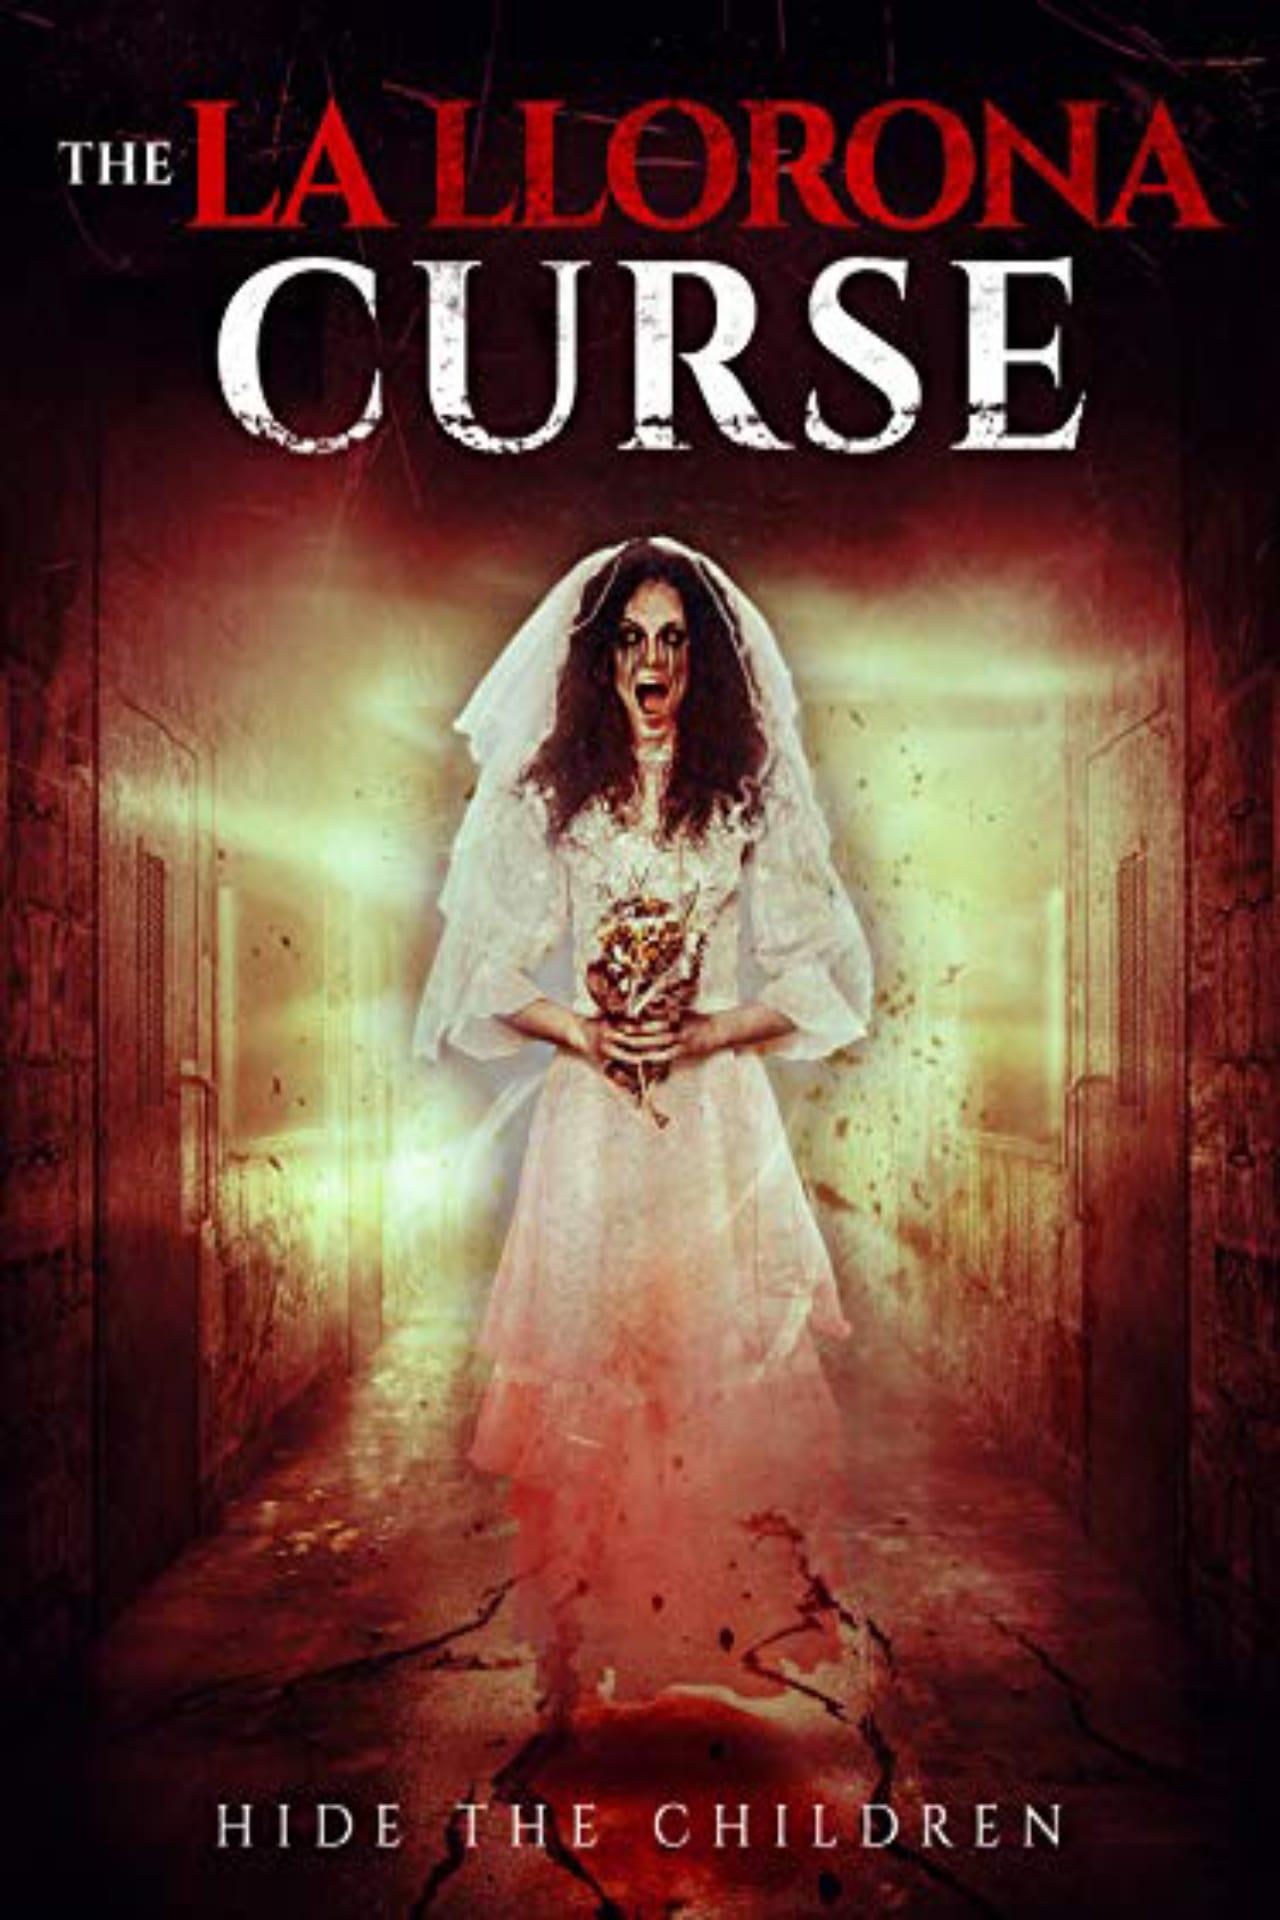 La Llorona Curse (2019)